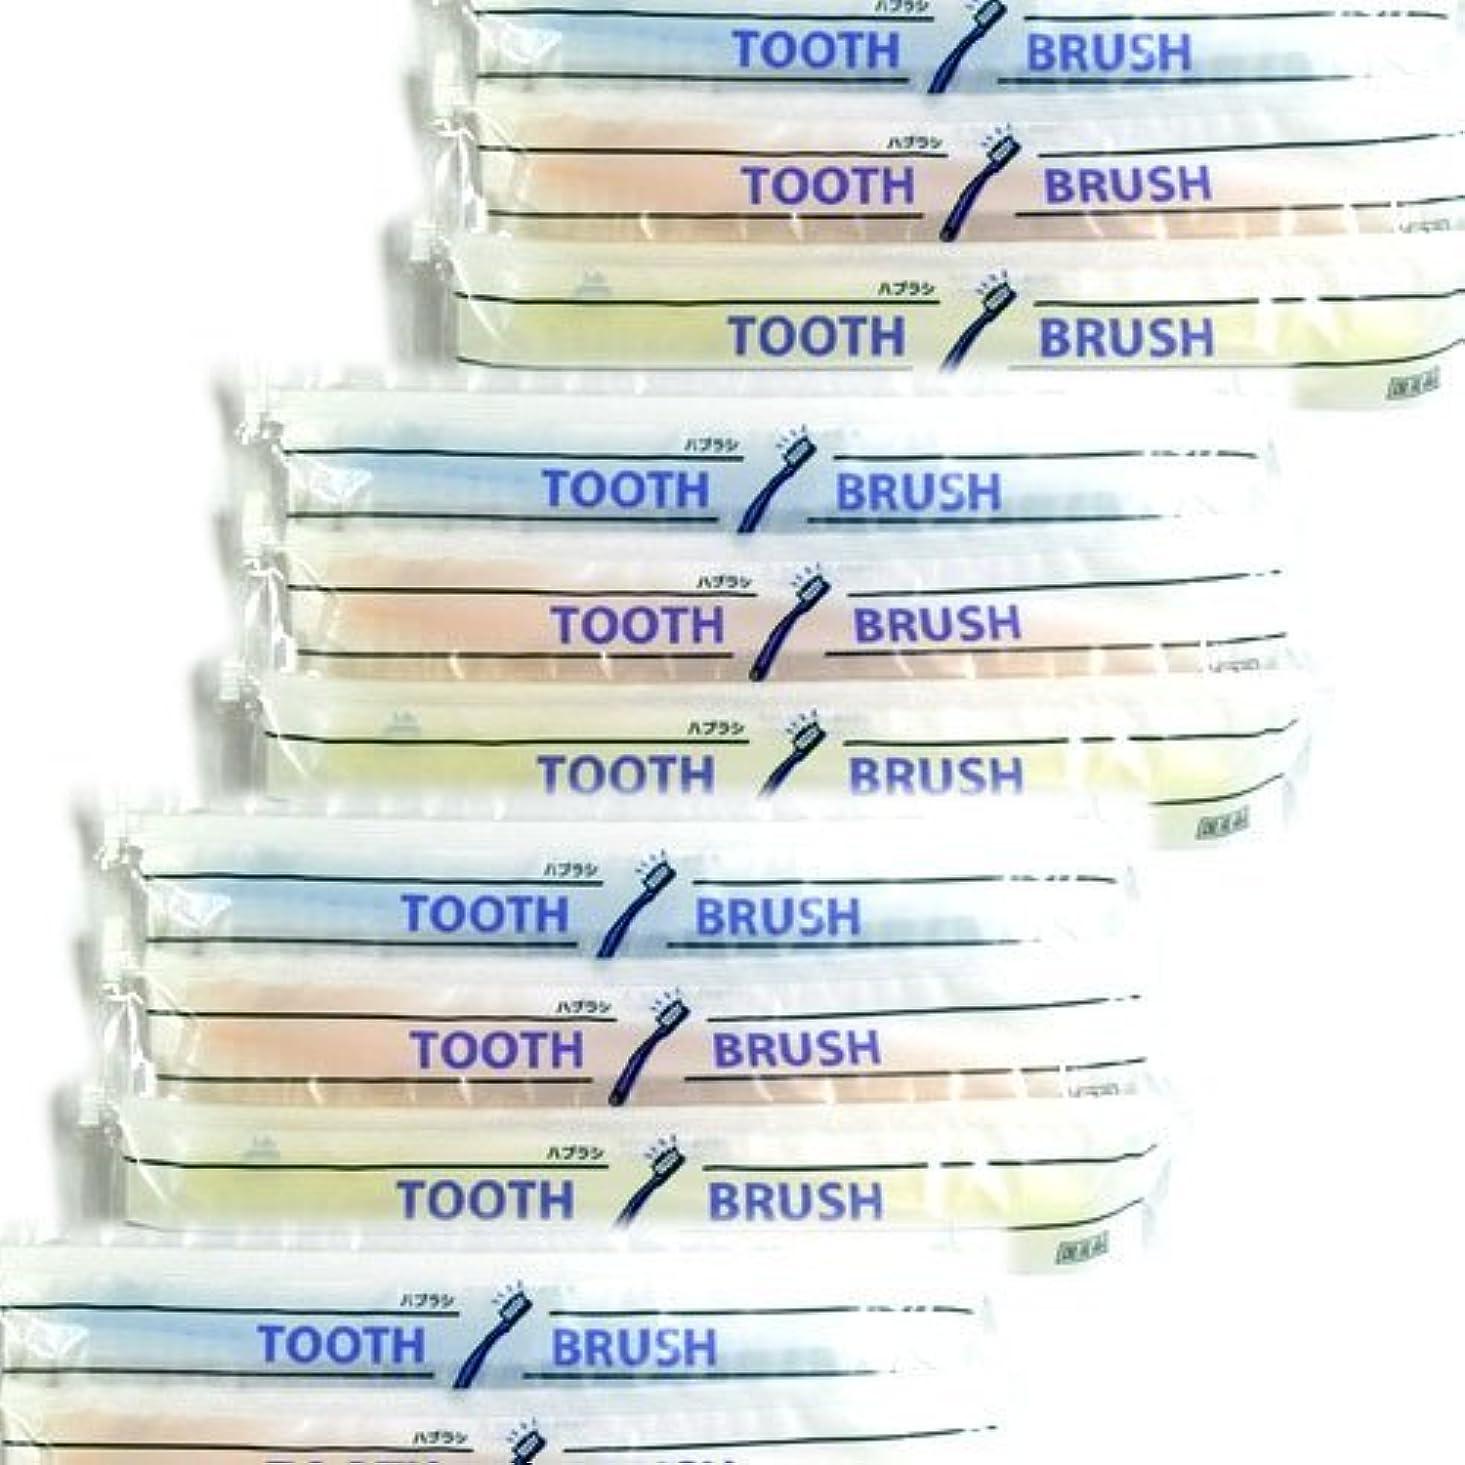 悩むセージアンペアホテルアメニティ 業務用 使い捨て(インスタント) 粉付き歯ブラシ × 1000個セット